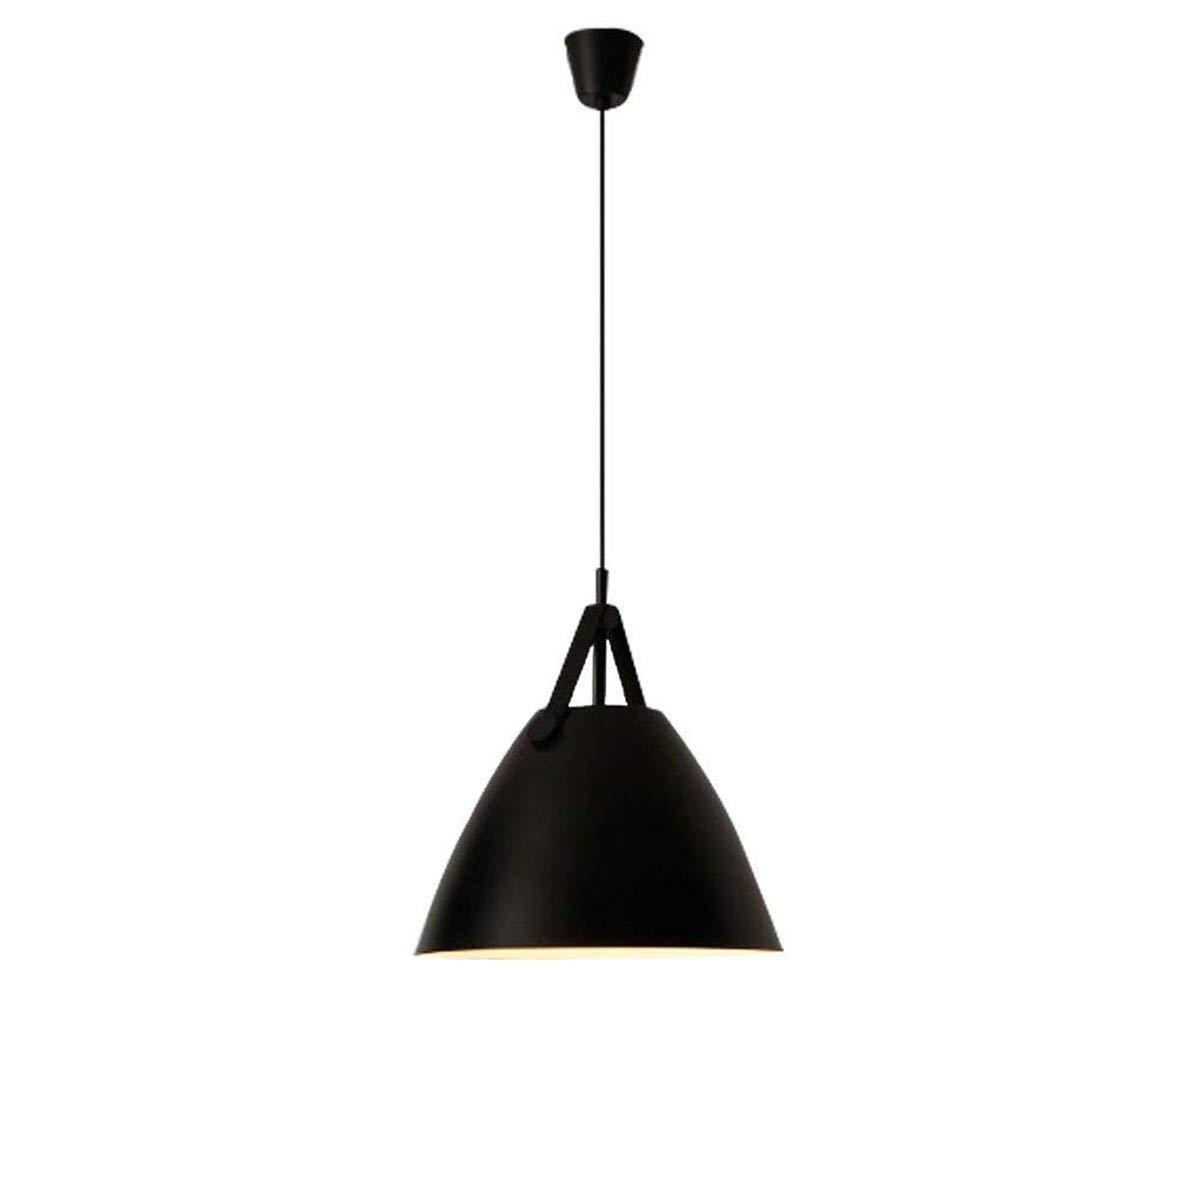 照明ランプ LED 北欧錬鉄シャンデリアクリエイティブベルトシャンデリア高さ調節可能なガラスシャンデリア用バーレストランカフェクラブ寝室リビングルーム LEDライト (色 : ブラック, サイズ : Cool white) B07PW763YP ブラック Cool white